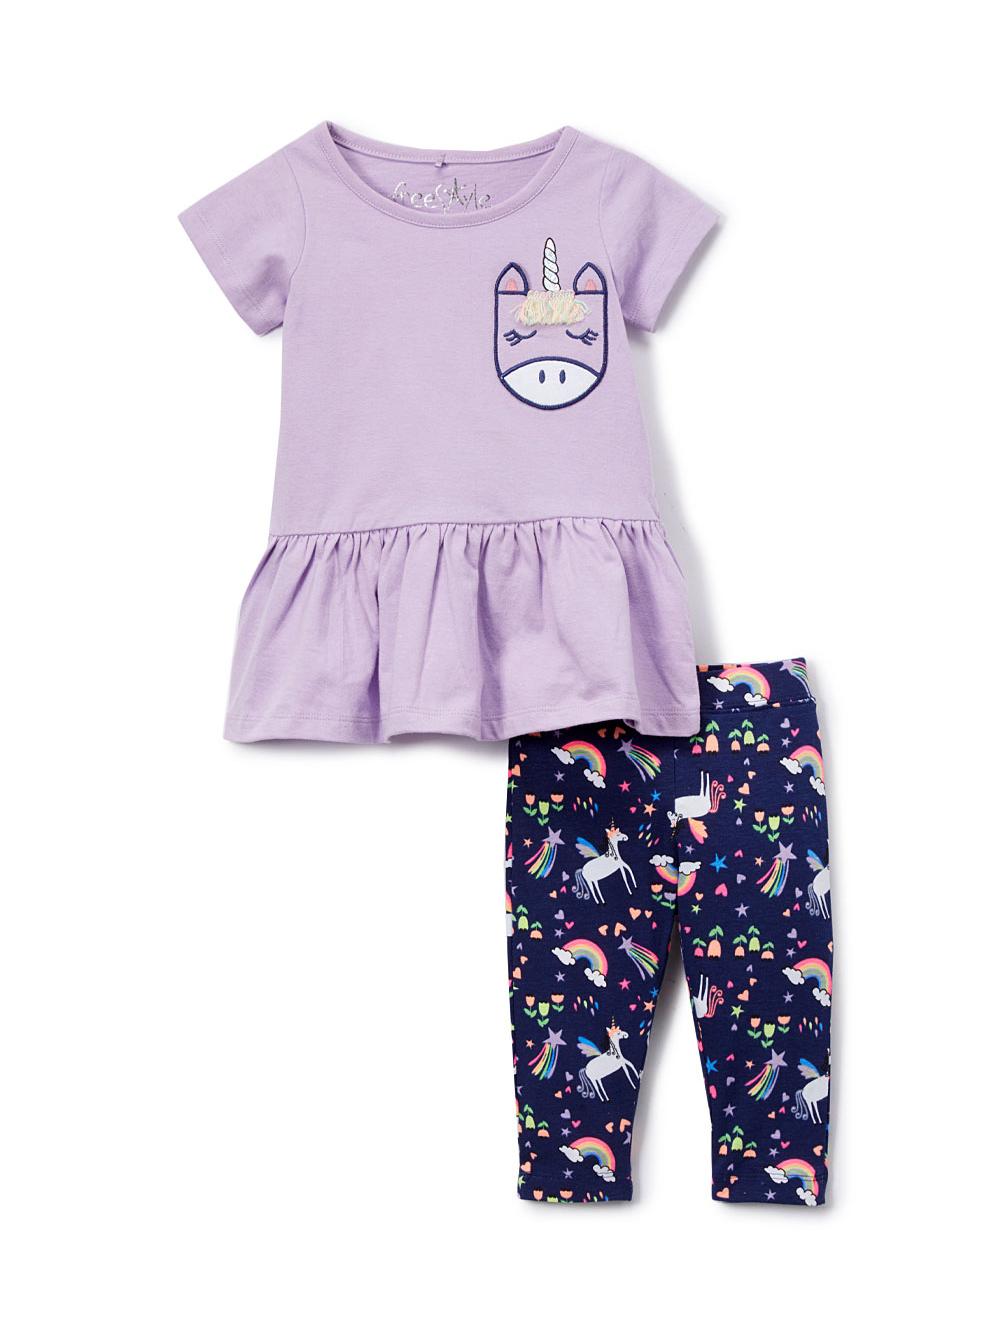 Peplum Top and Printed Leggings (Toddler Girls)